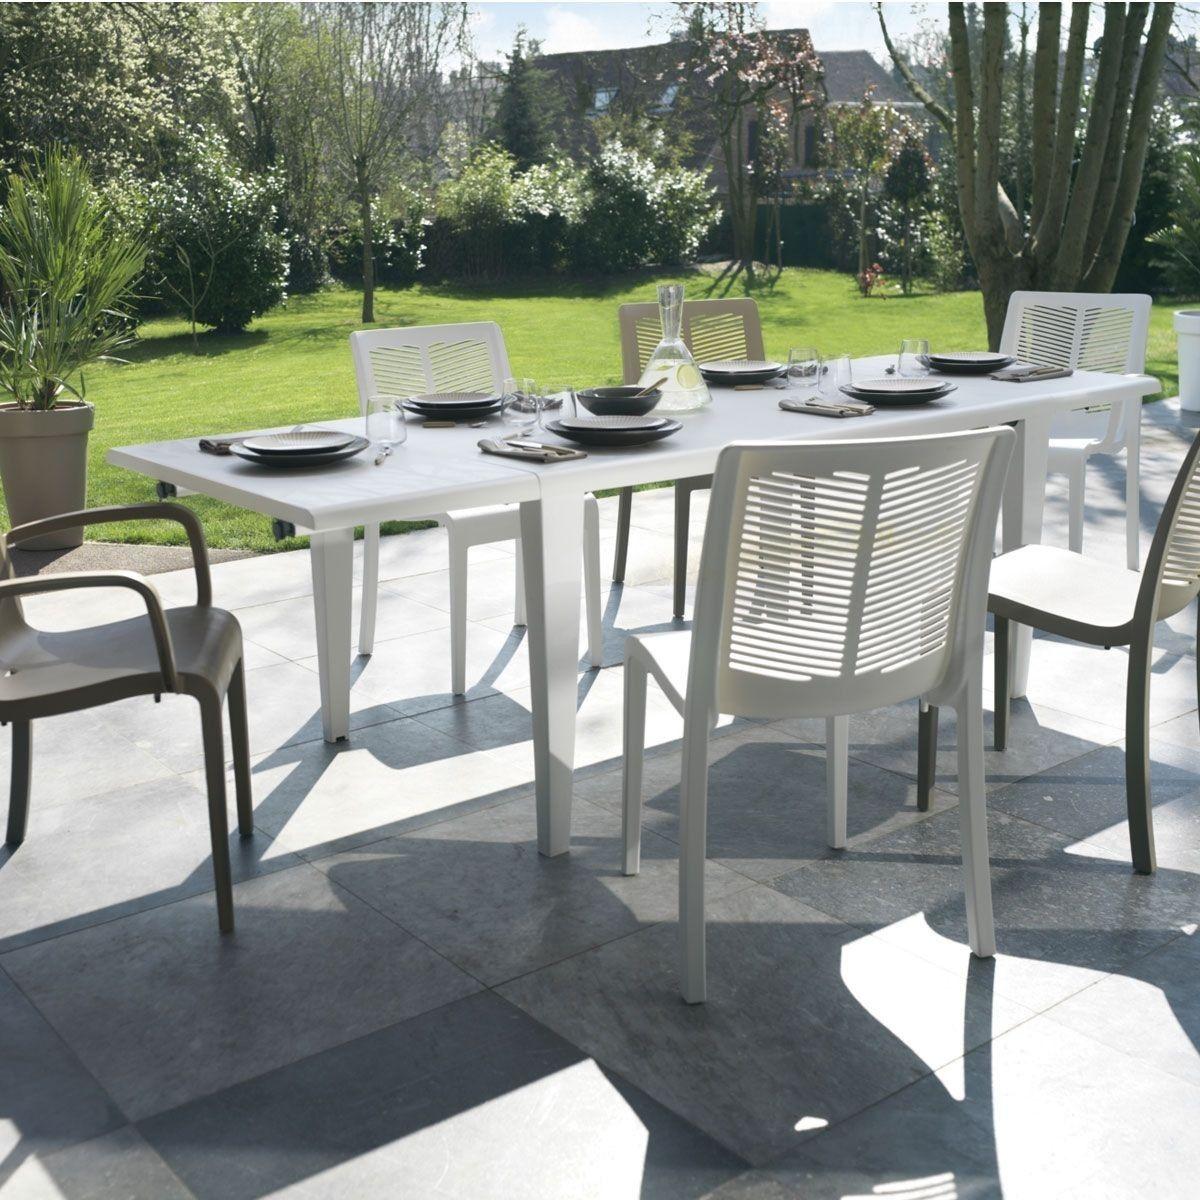 Table De Jardin Alpha 150 Taille 4 Pers 12 Pers Salon De Jardin Plastique Table De Jardin Et Agrement De Jardin